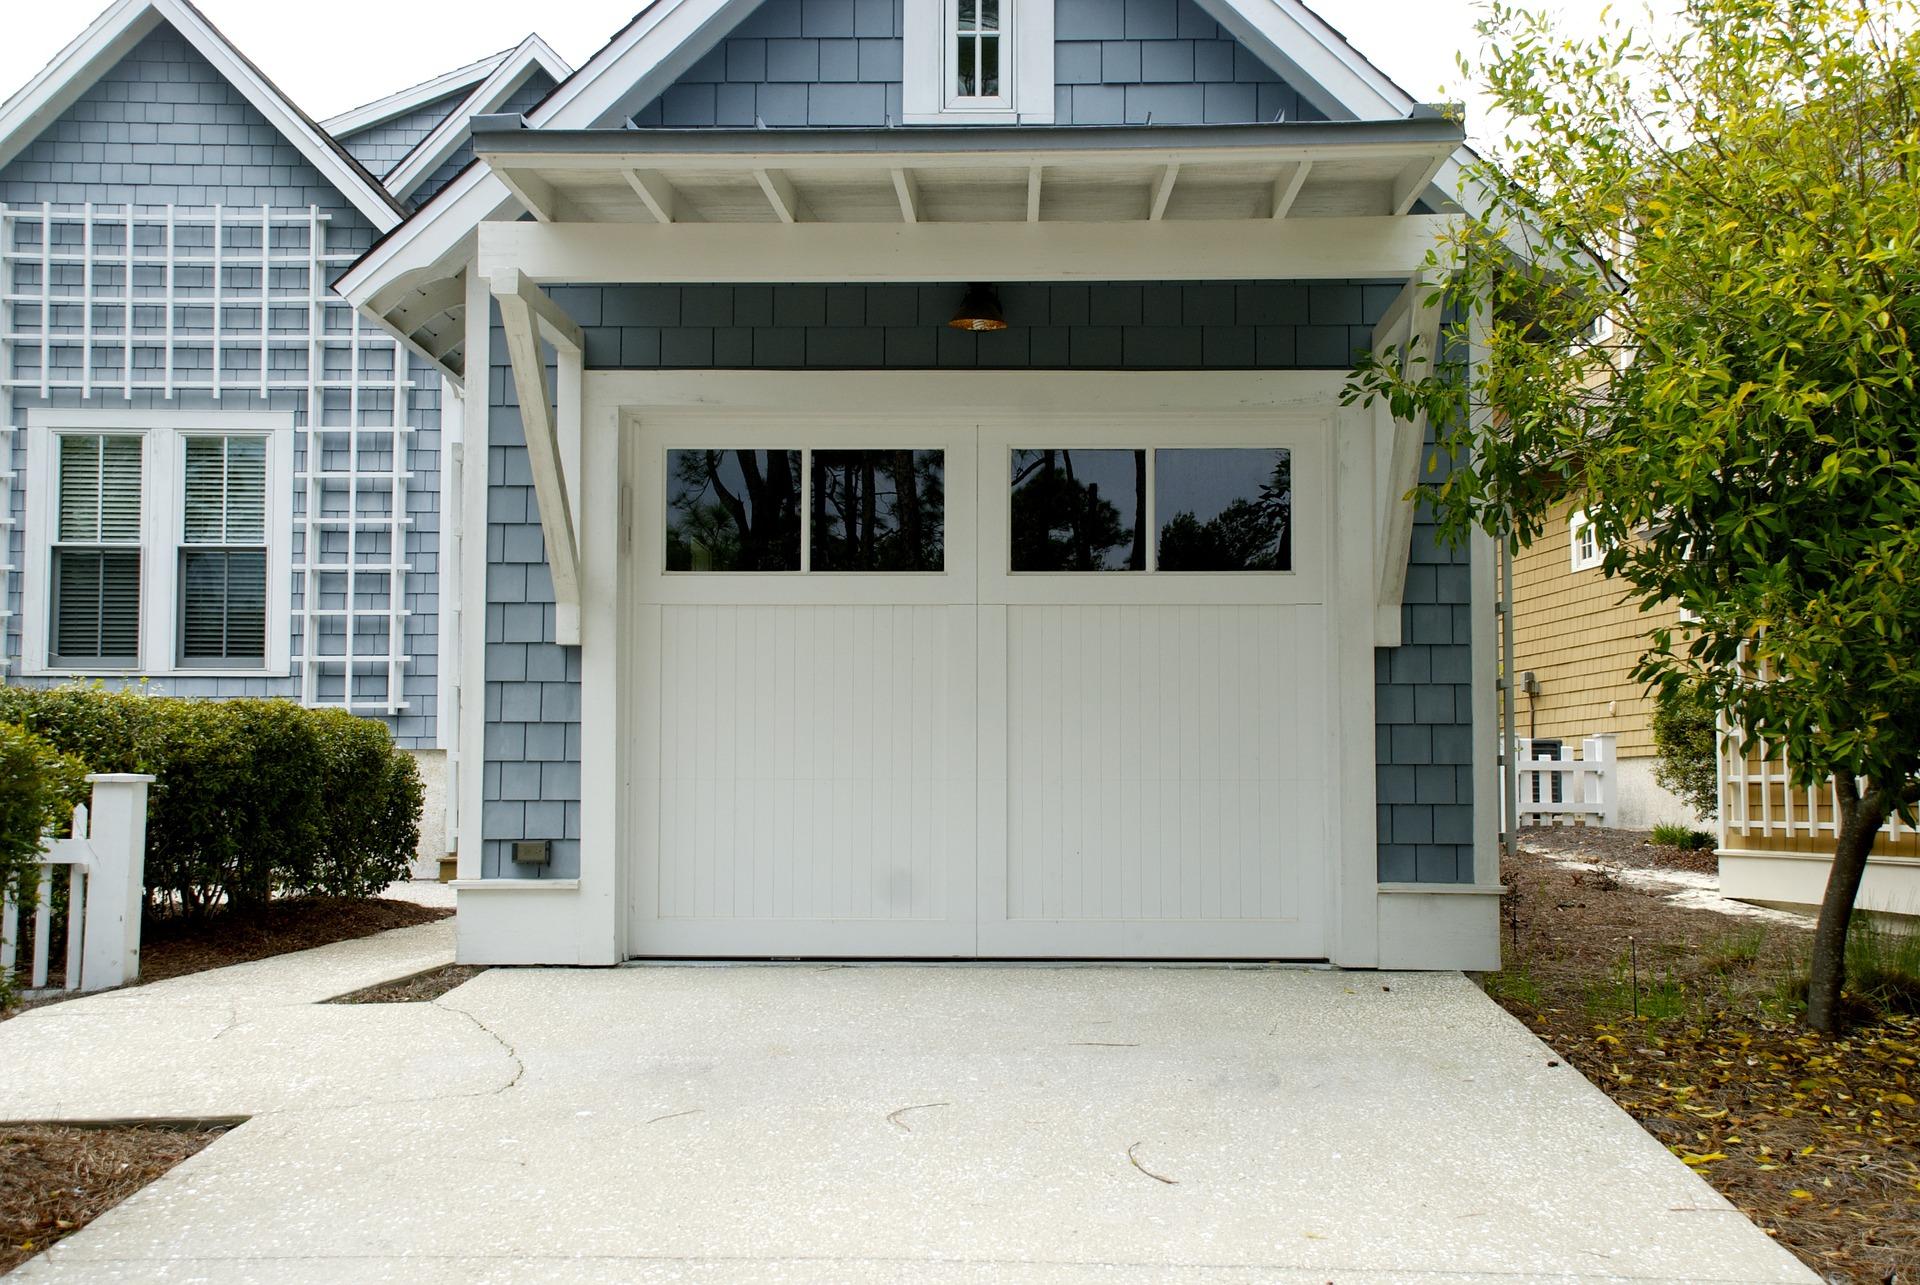 Garage Door Insulation in Pasadena